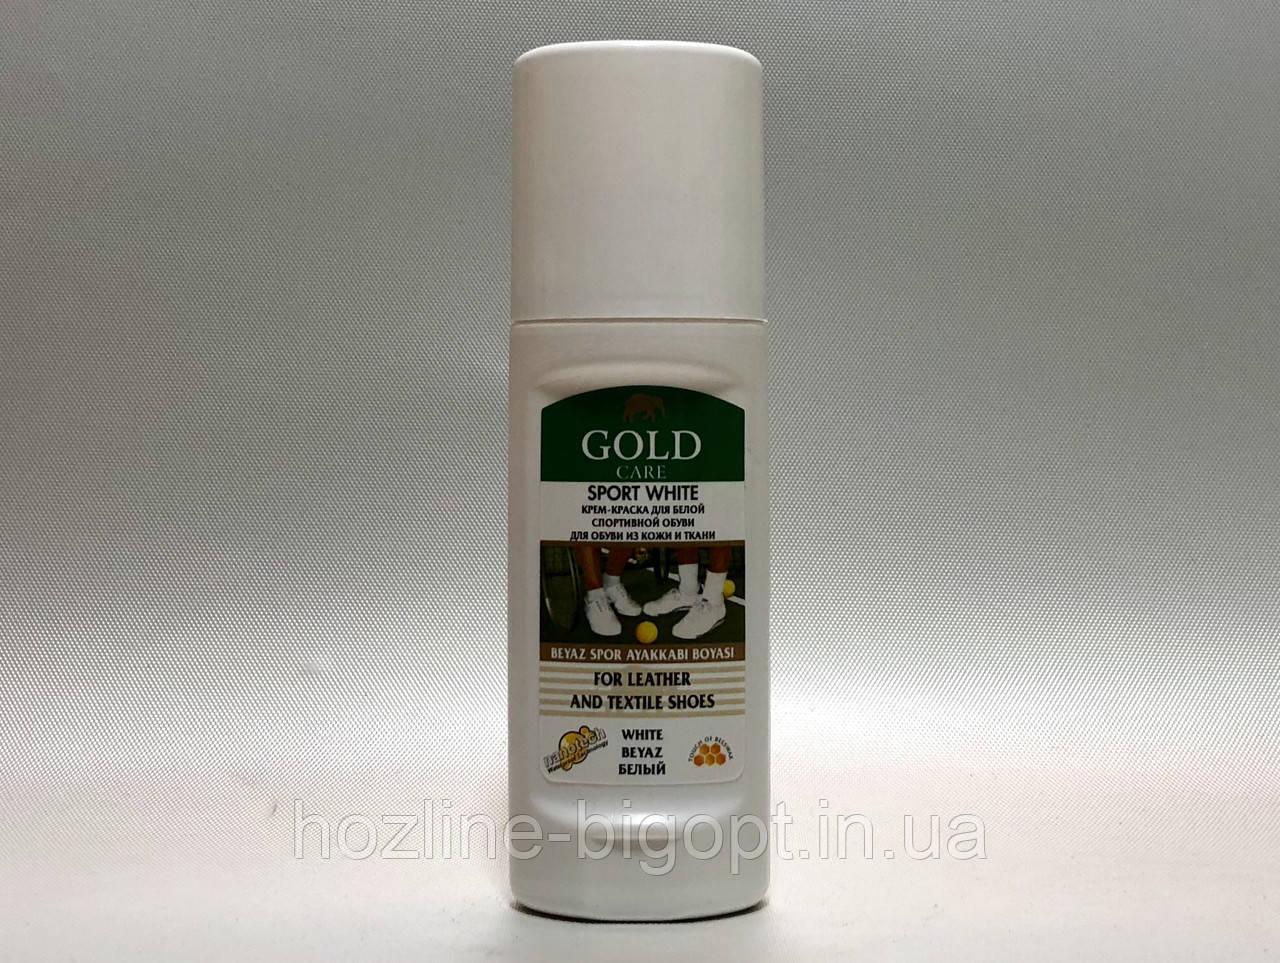 Gold Care Крем-краска для белой спортивной обуви из кожи и ткани 75 мл. БЕЛАЯ